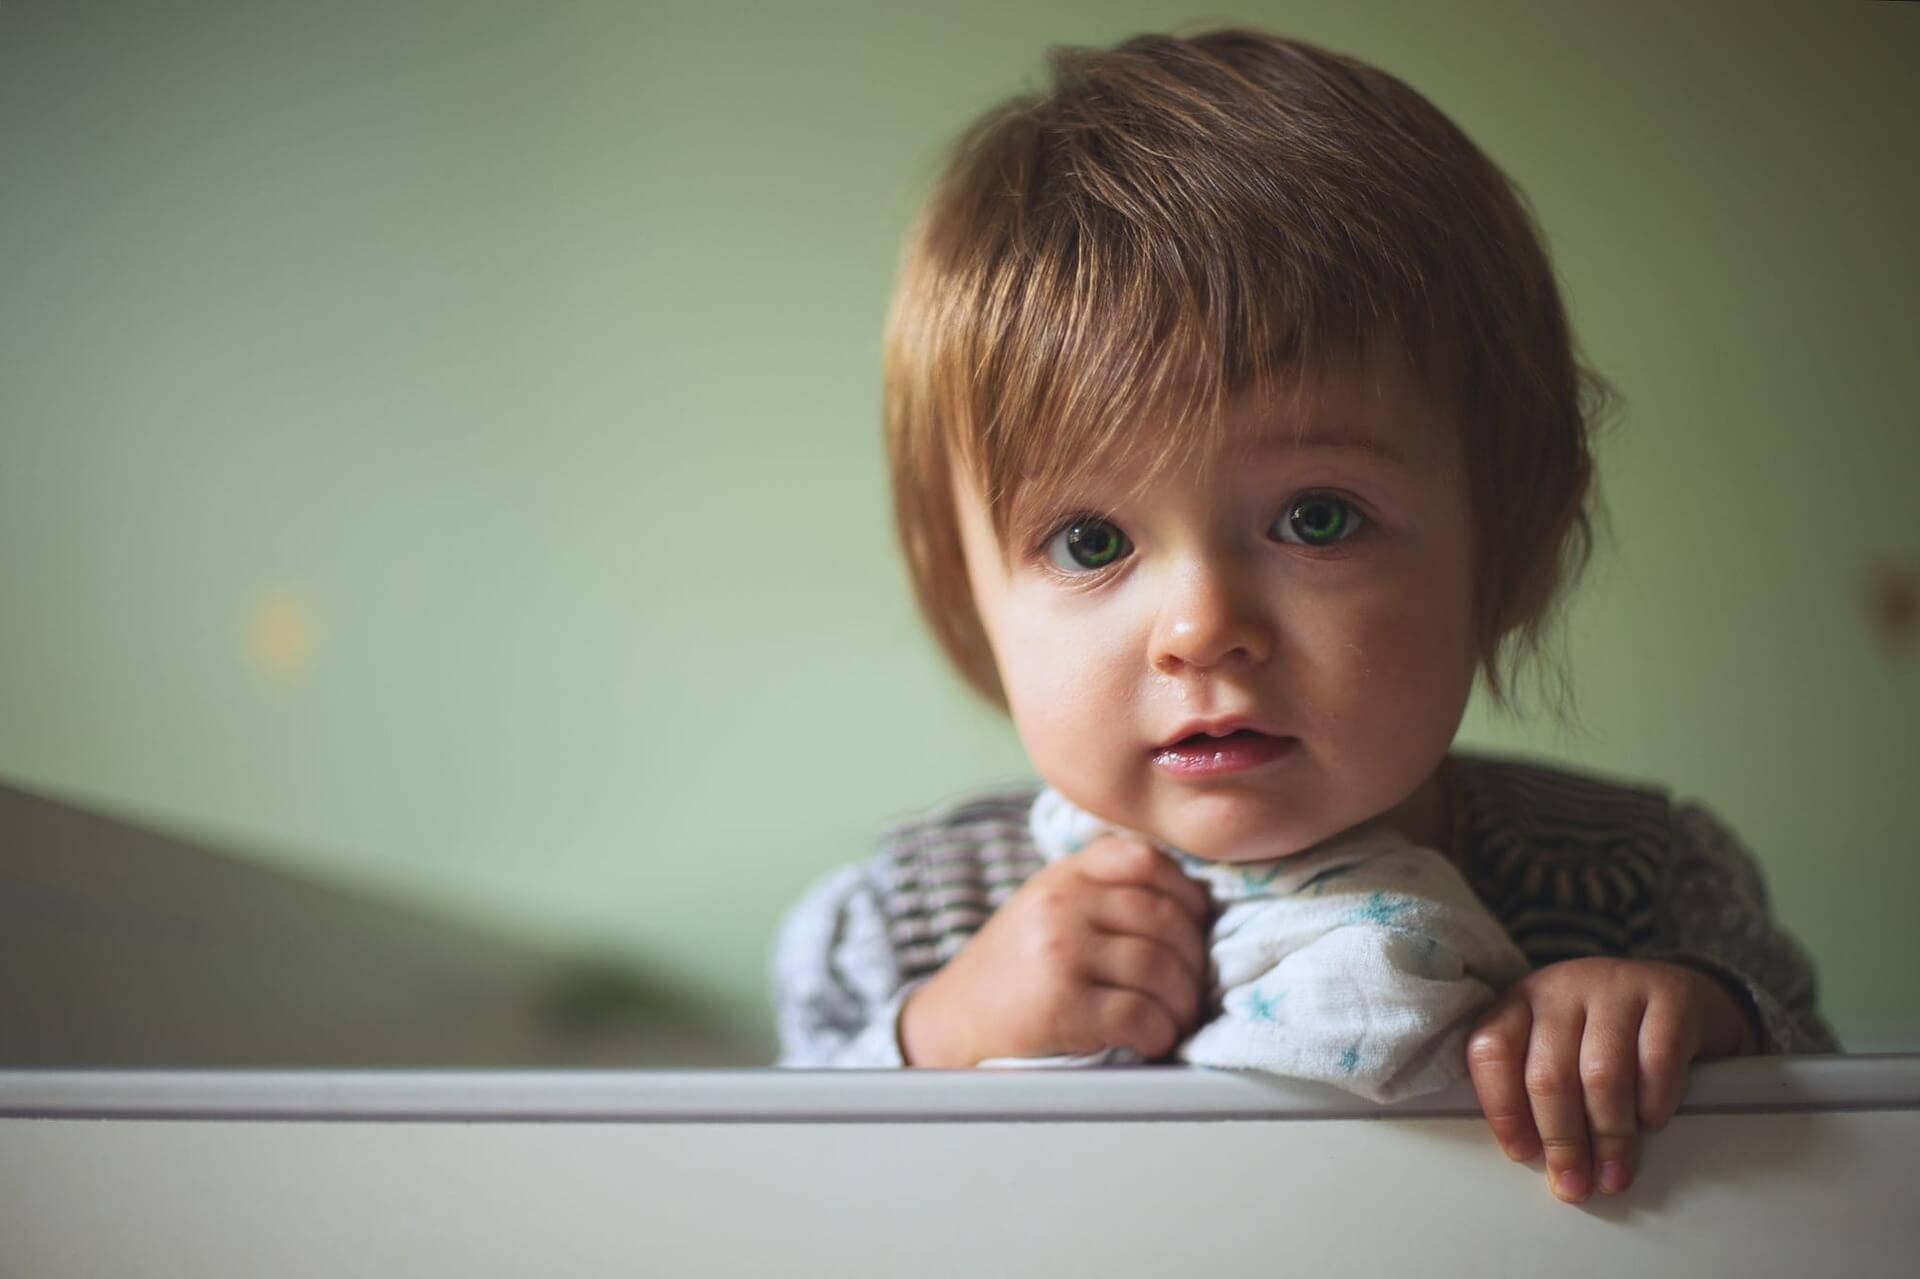 Journalisten Helen Bjurberg har intervjuat en expert som förklarar hur du kan göra för att påverka ditt barns sömncykel.